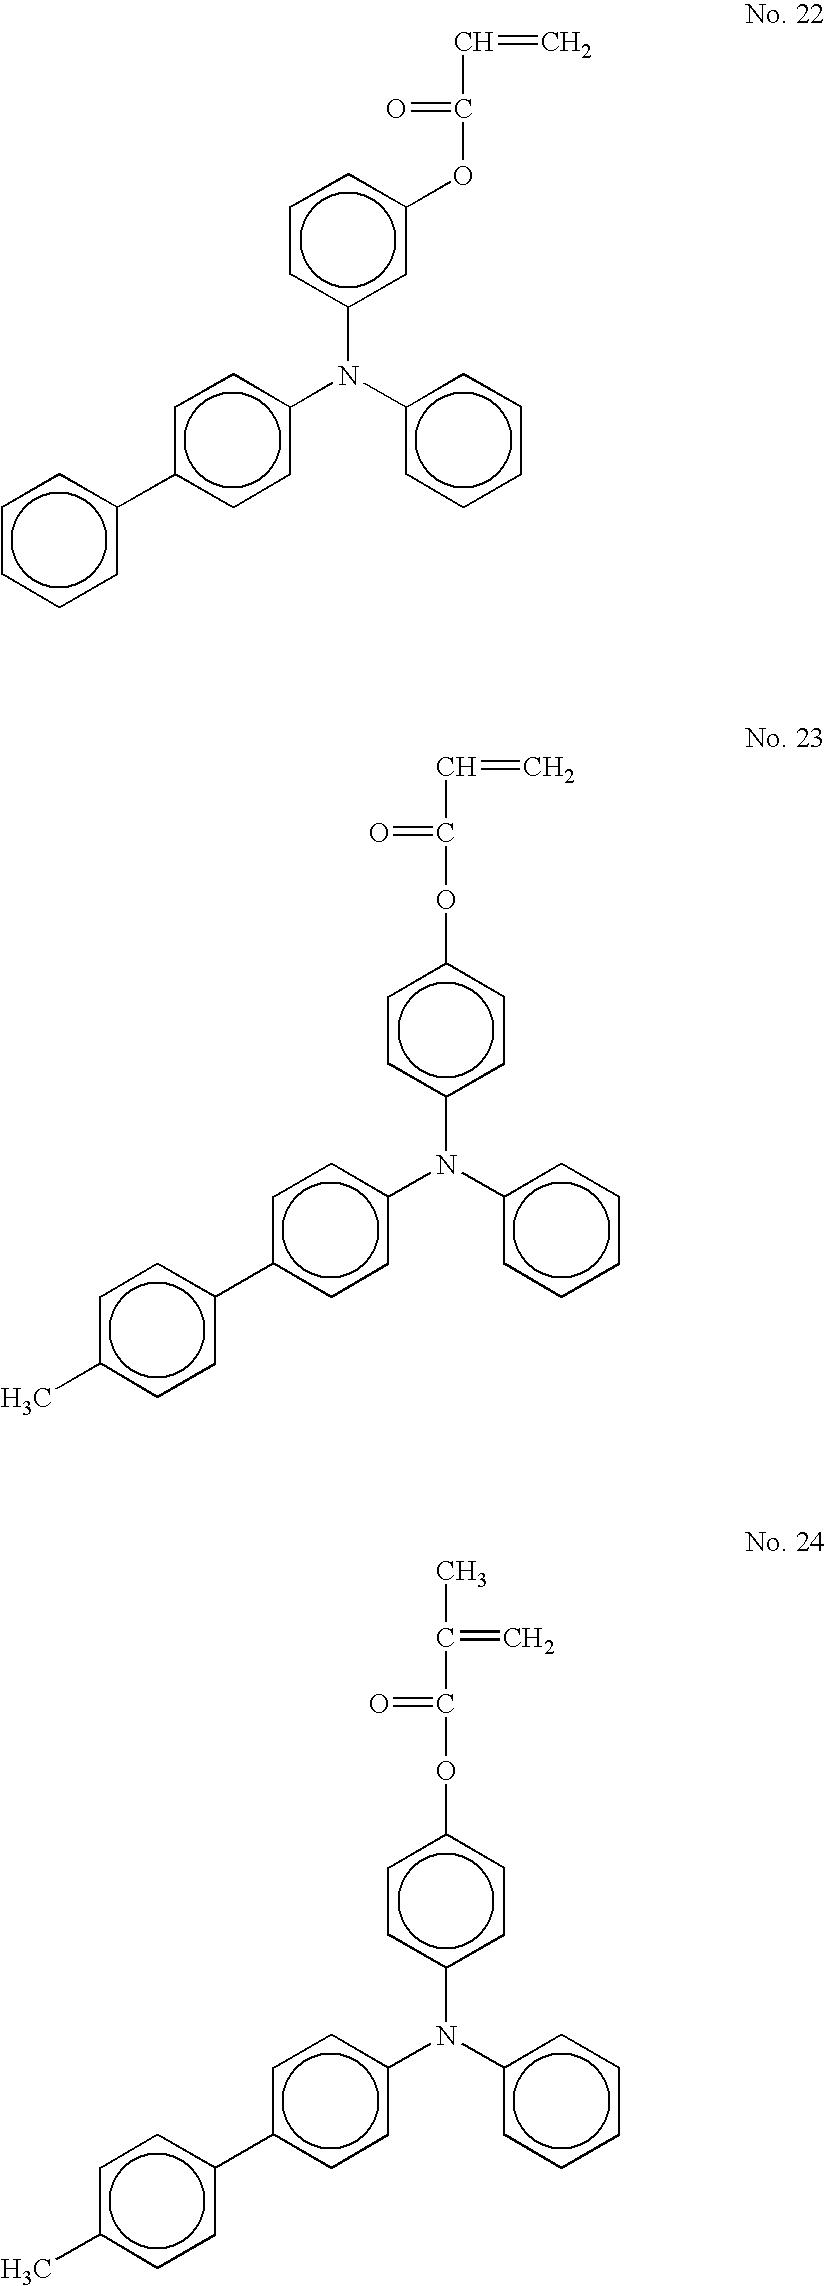 Figure US07175957-20070213-C00019